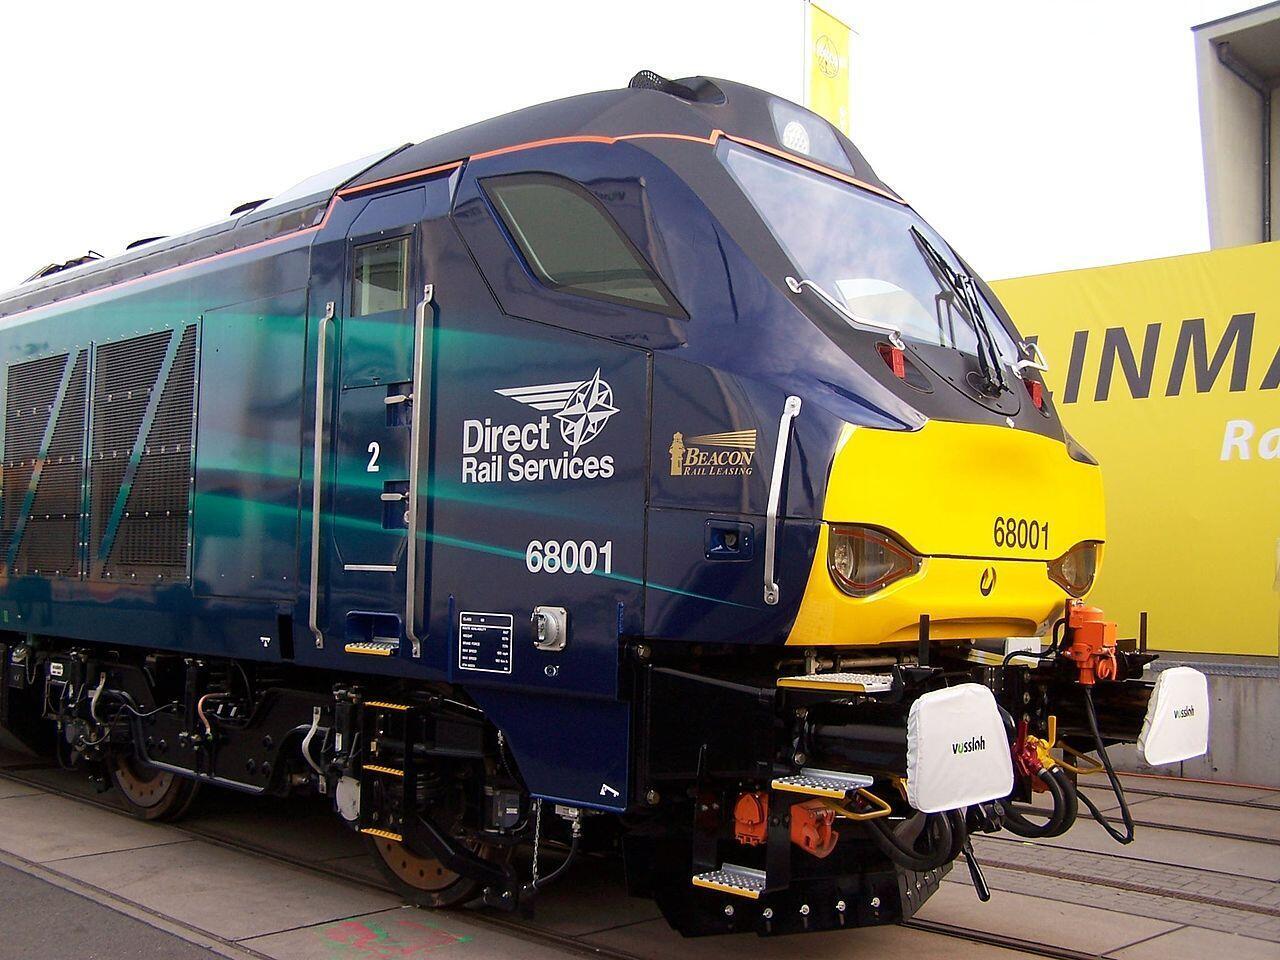 Công ty sản xuất đầu máy xe lửa Vossloh của Đức có thể bị đổi chủ. Ảnh minh họa một đầu máy xe lửa do tập đoàn Đức Vossloh sản xuất, chụp tại Berlin năm 2014.